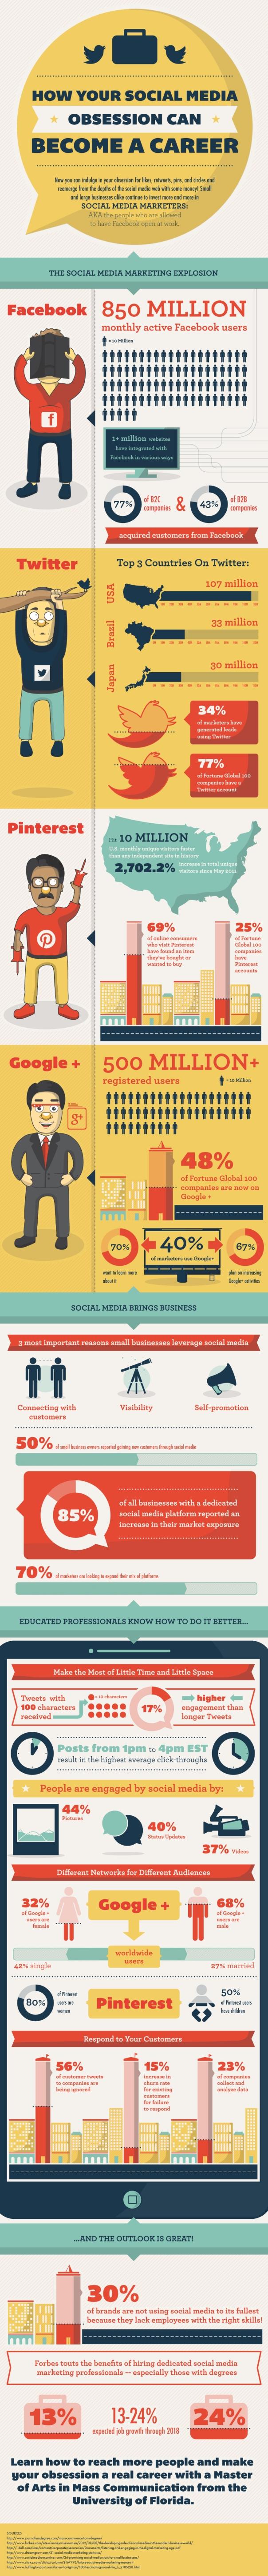 La explisión de las Redes Sociales en el Mercado